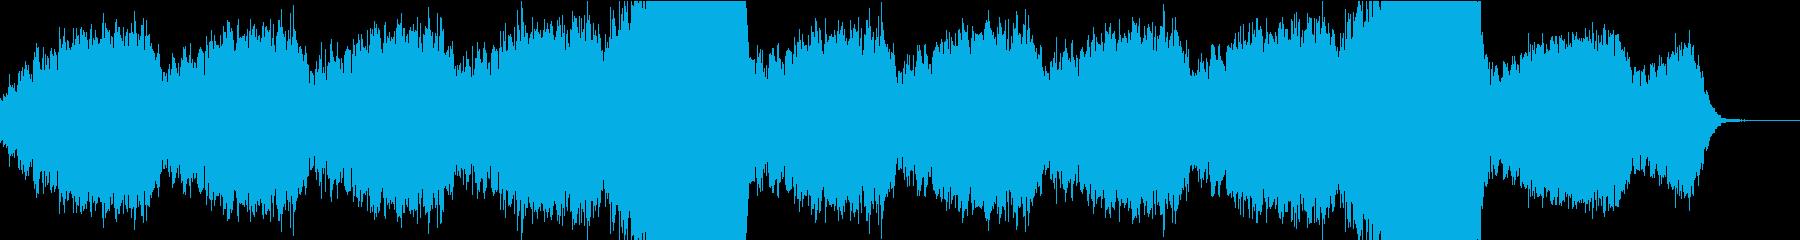 とても静かなドローンの再生済みの波形